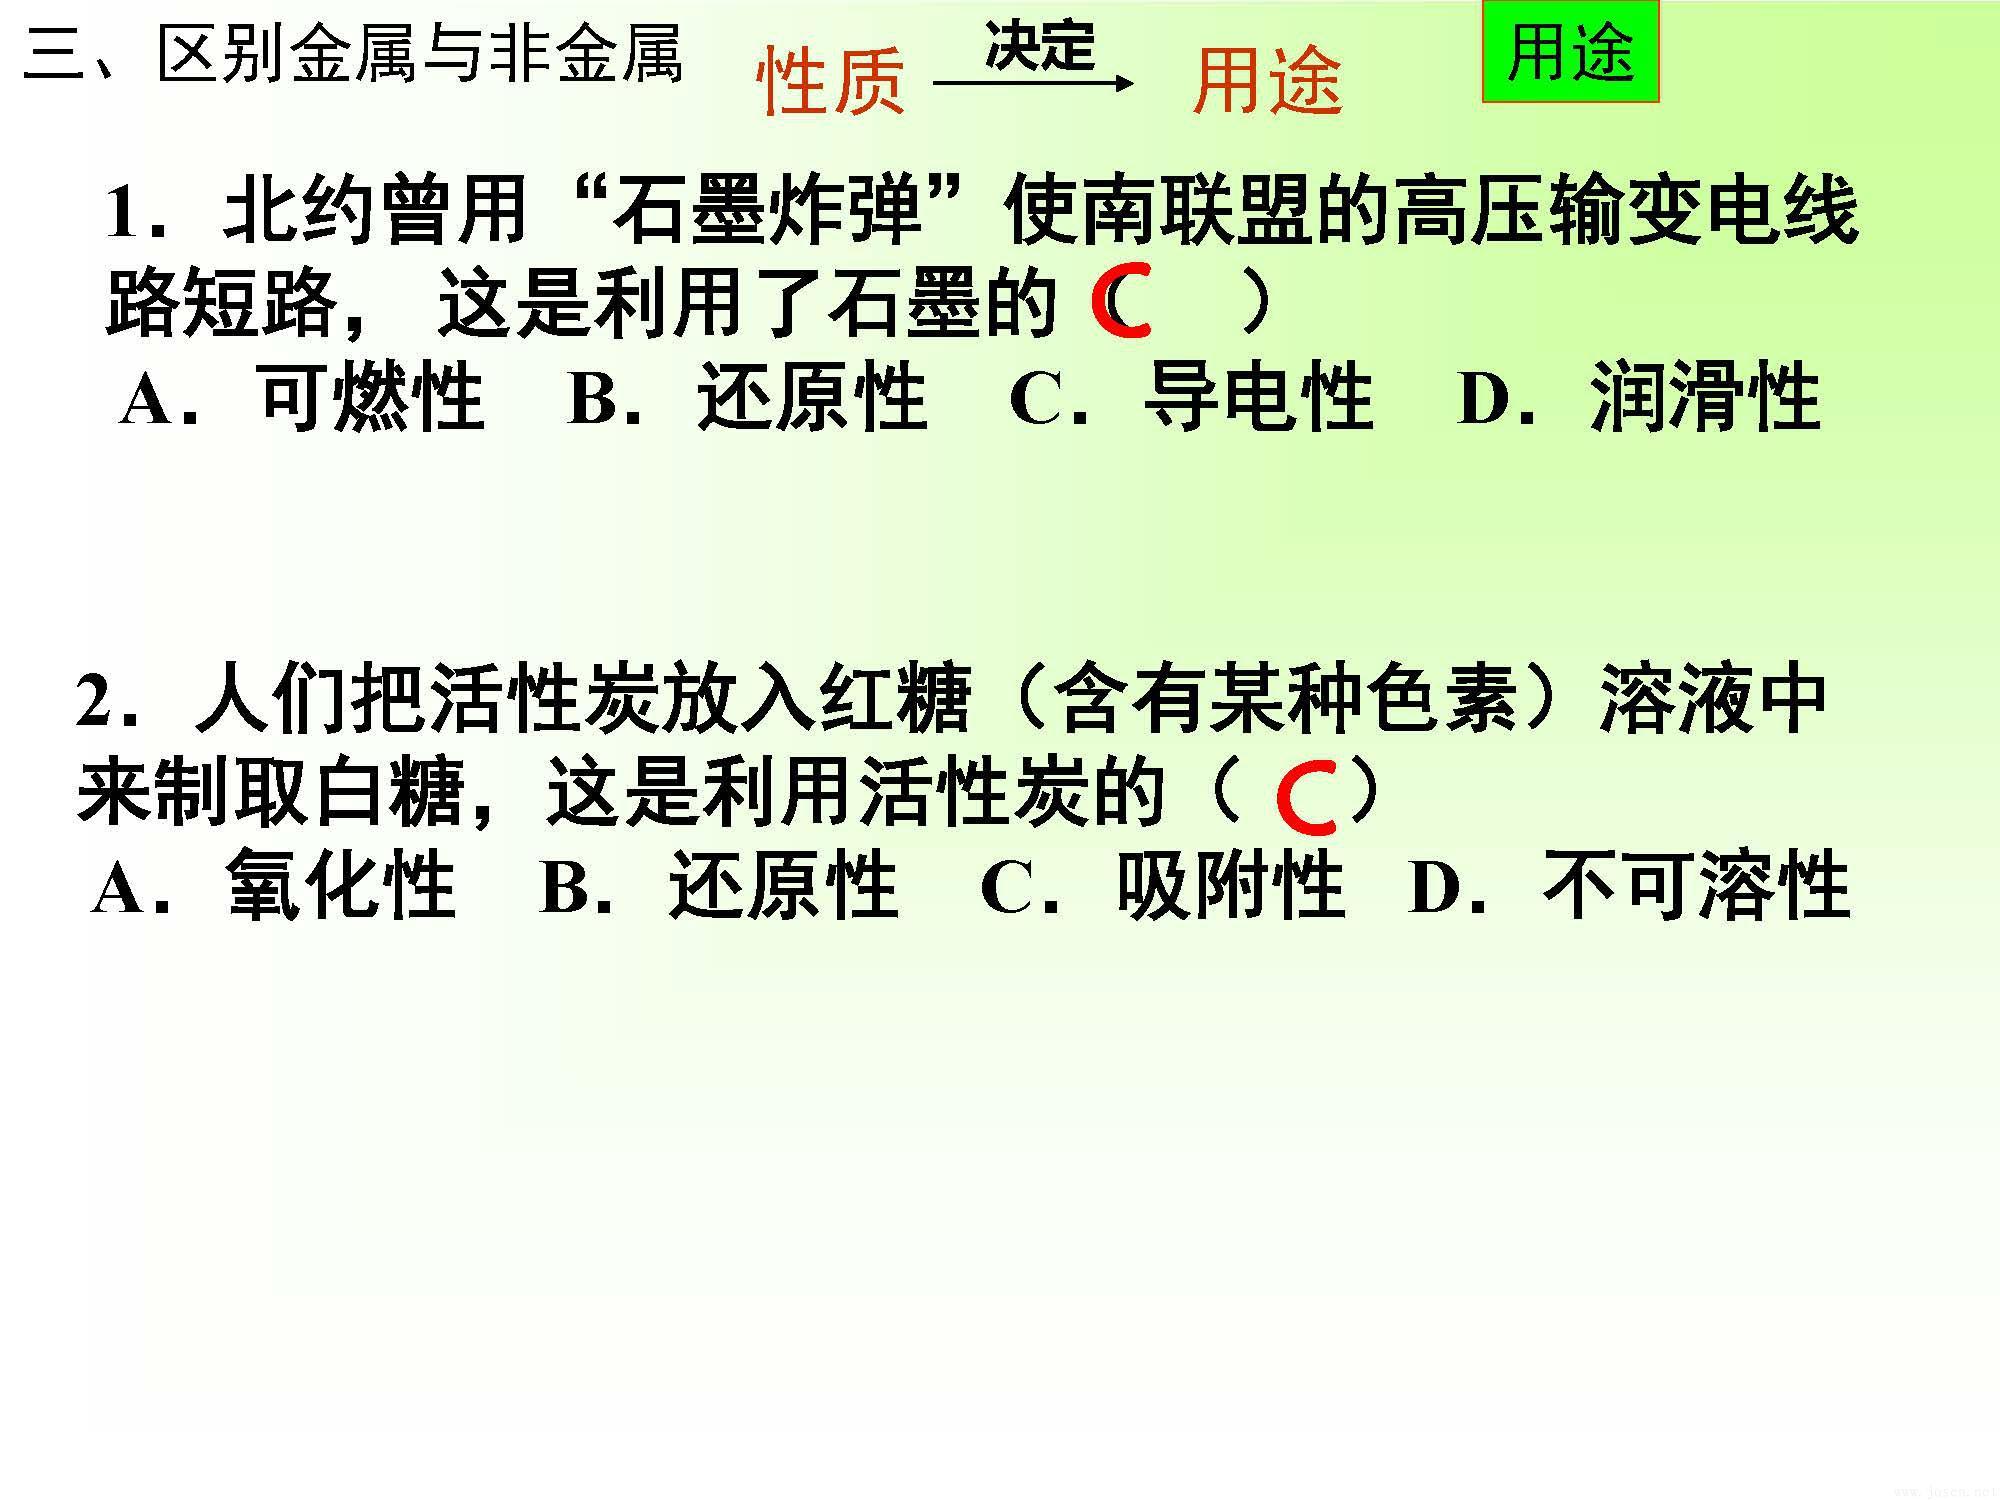 区别金属与非金属_页面_11.jpg